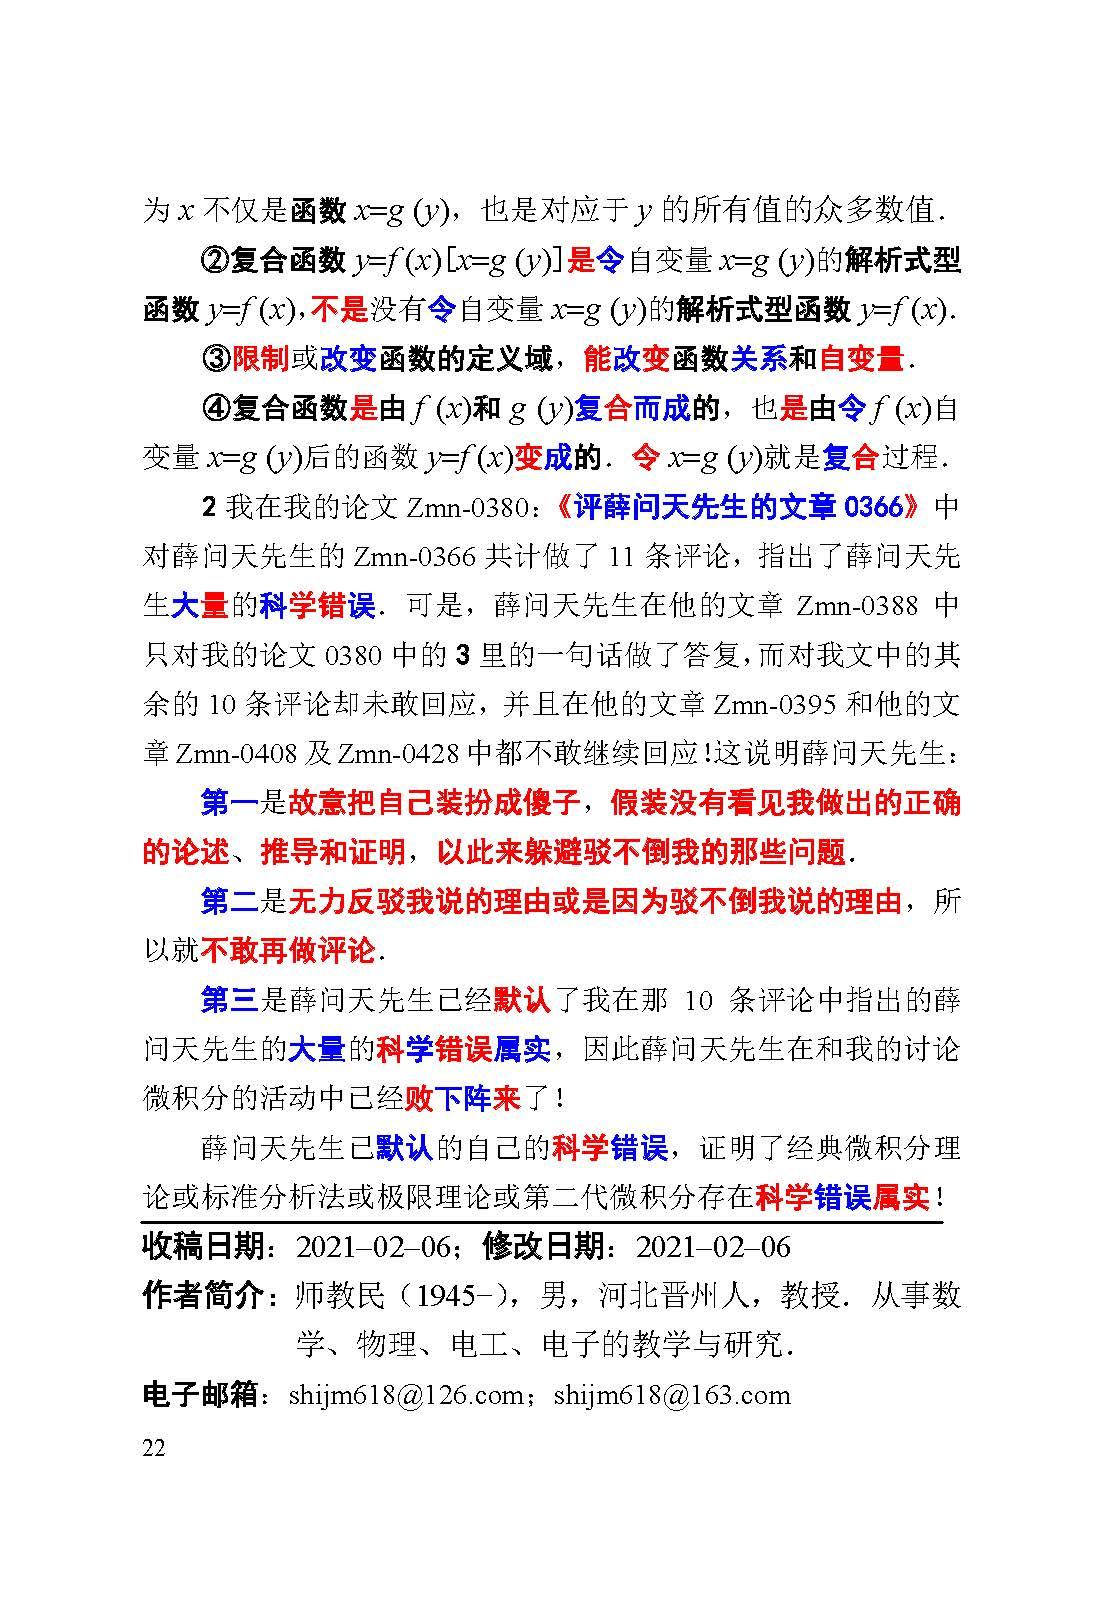 评薛问天先生的文章0428_页面_22.jpg